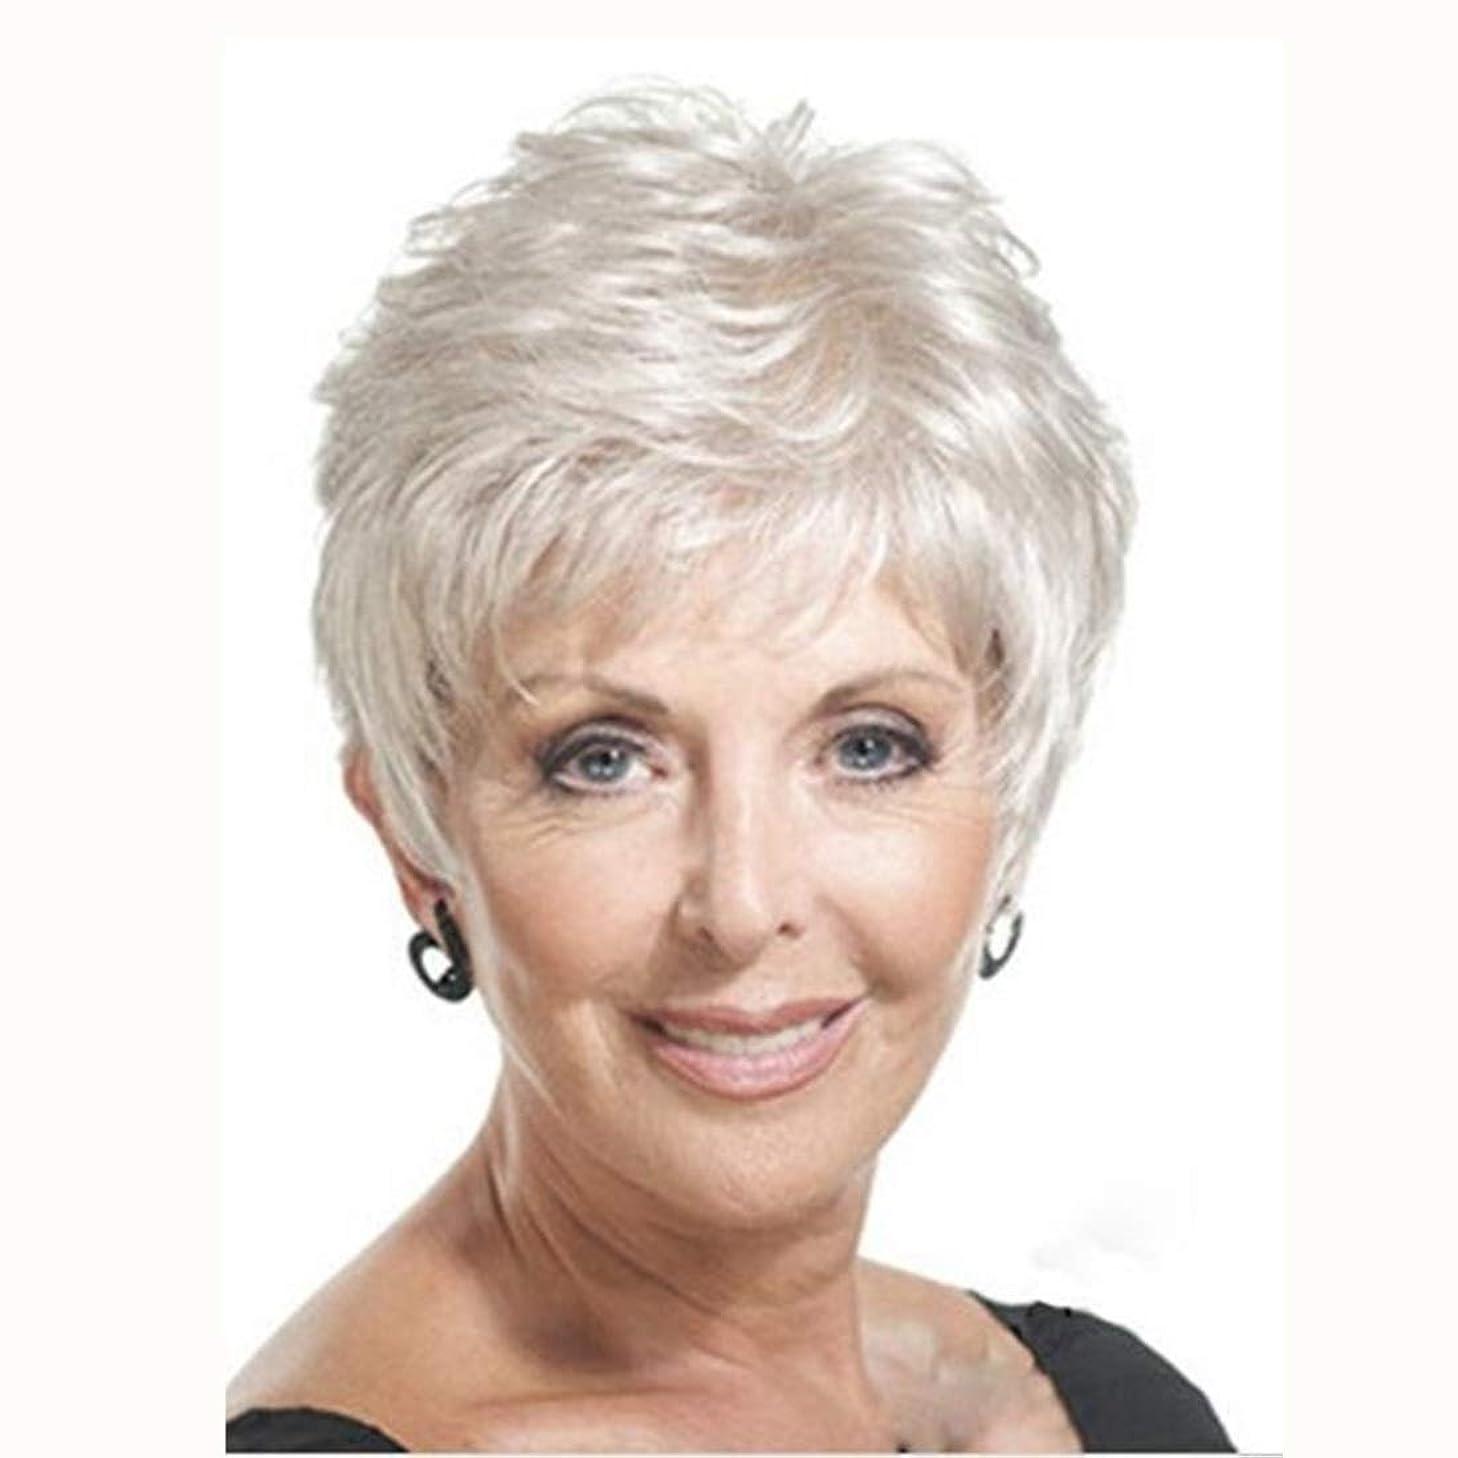 代表アームストロング贈り物Summerys 女性のための前髪の髪のかつらと白の短いストレートヘア耐熱合成かつら